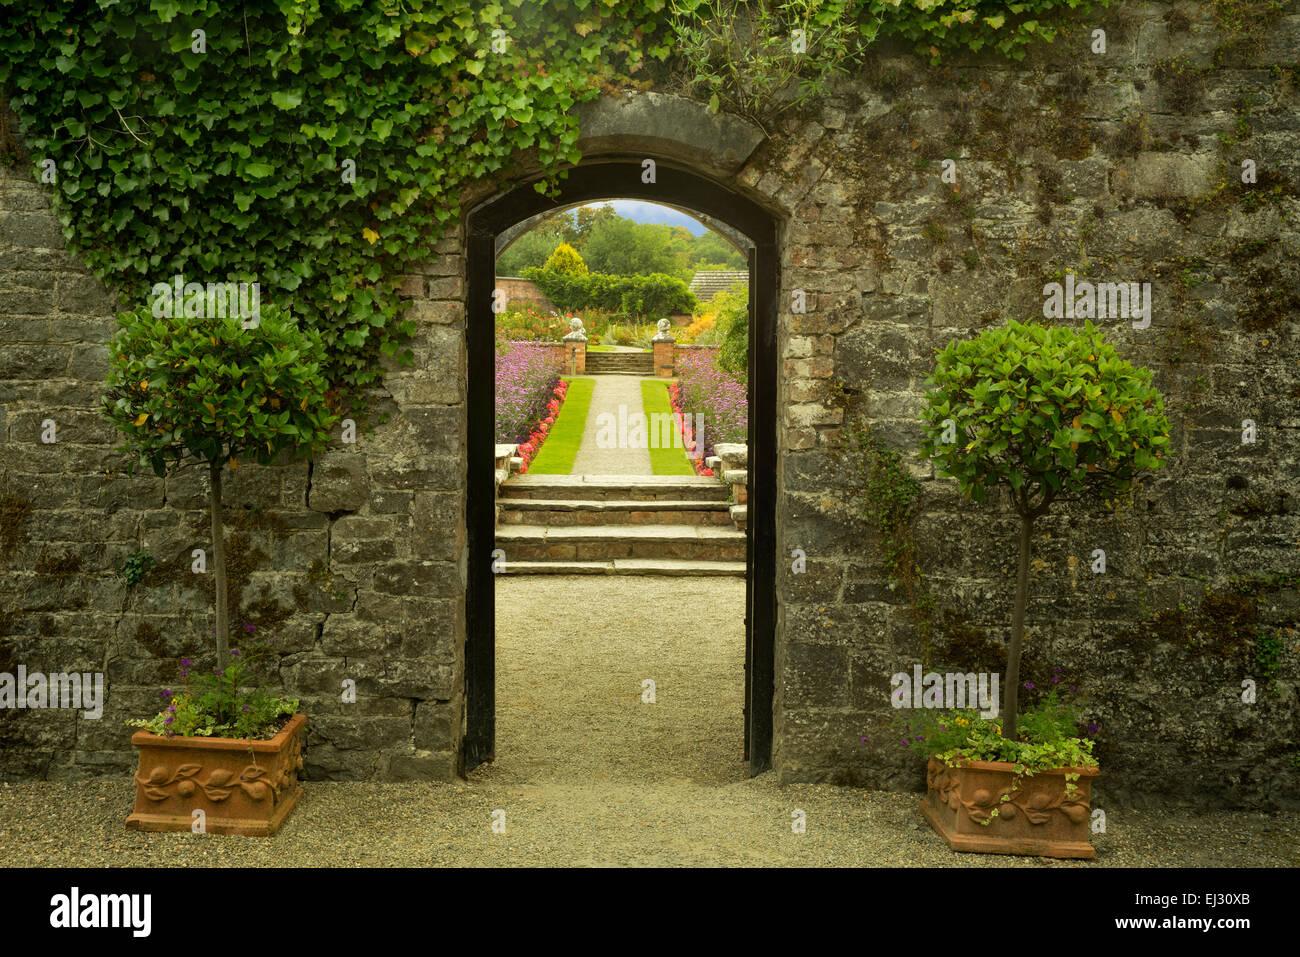 Eintritt in die Gärten von Dromoland Castle. Irland Stockbild